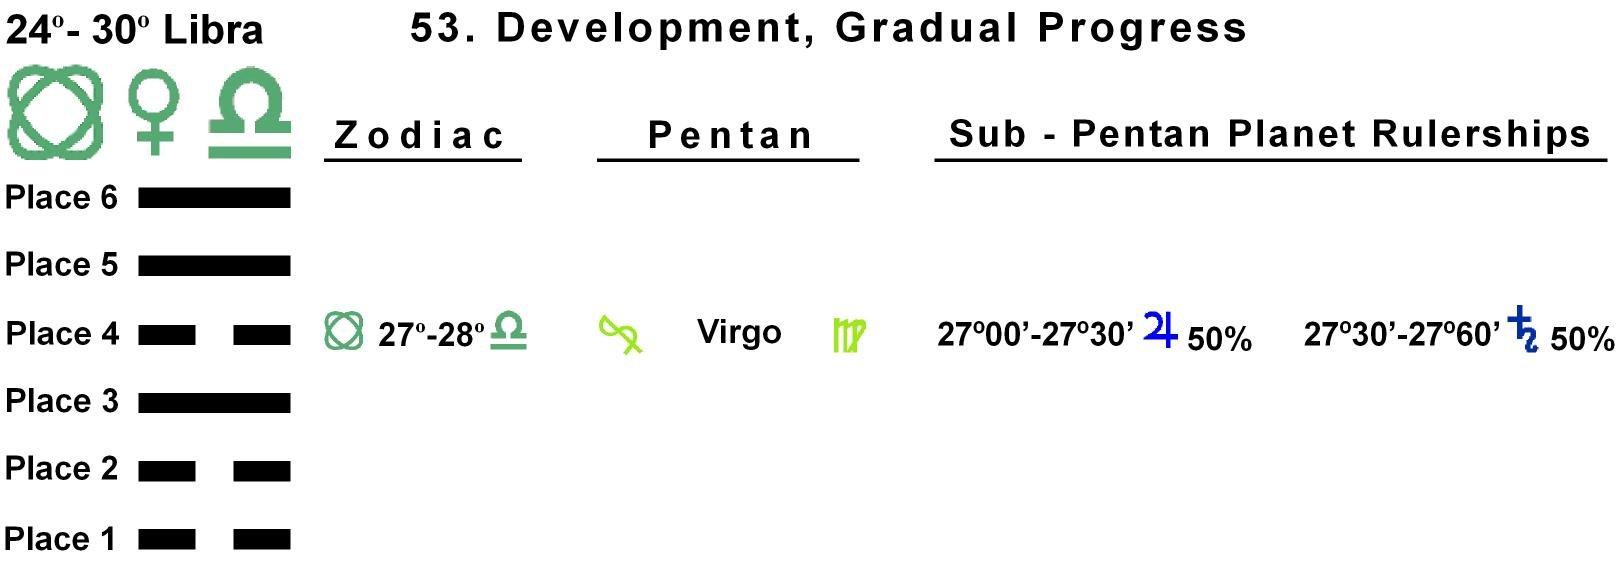 Pent-lines-07LI 27-28 Hx-53 Gradual Progress